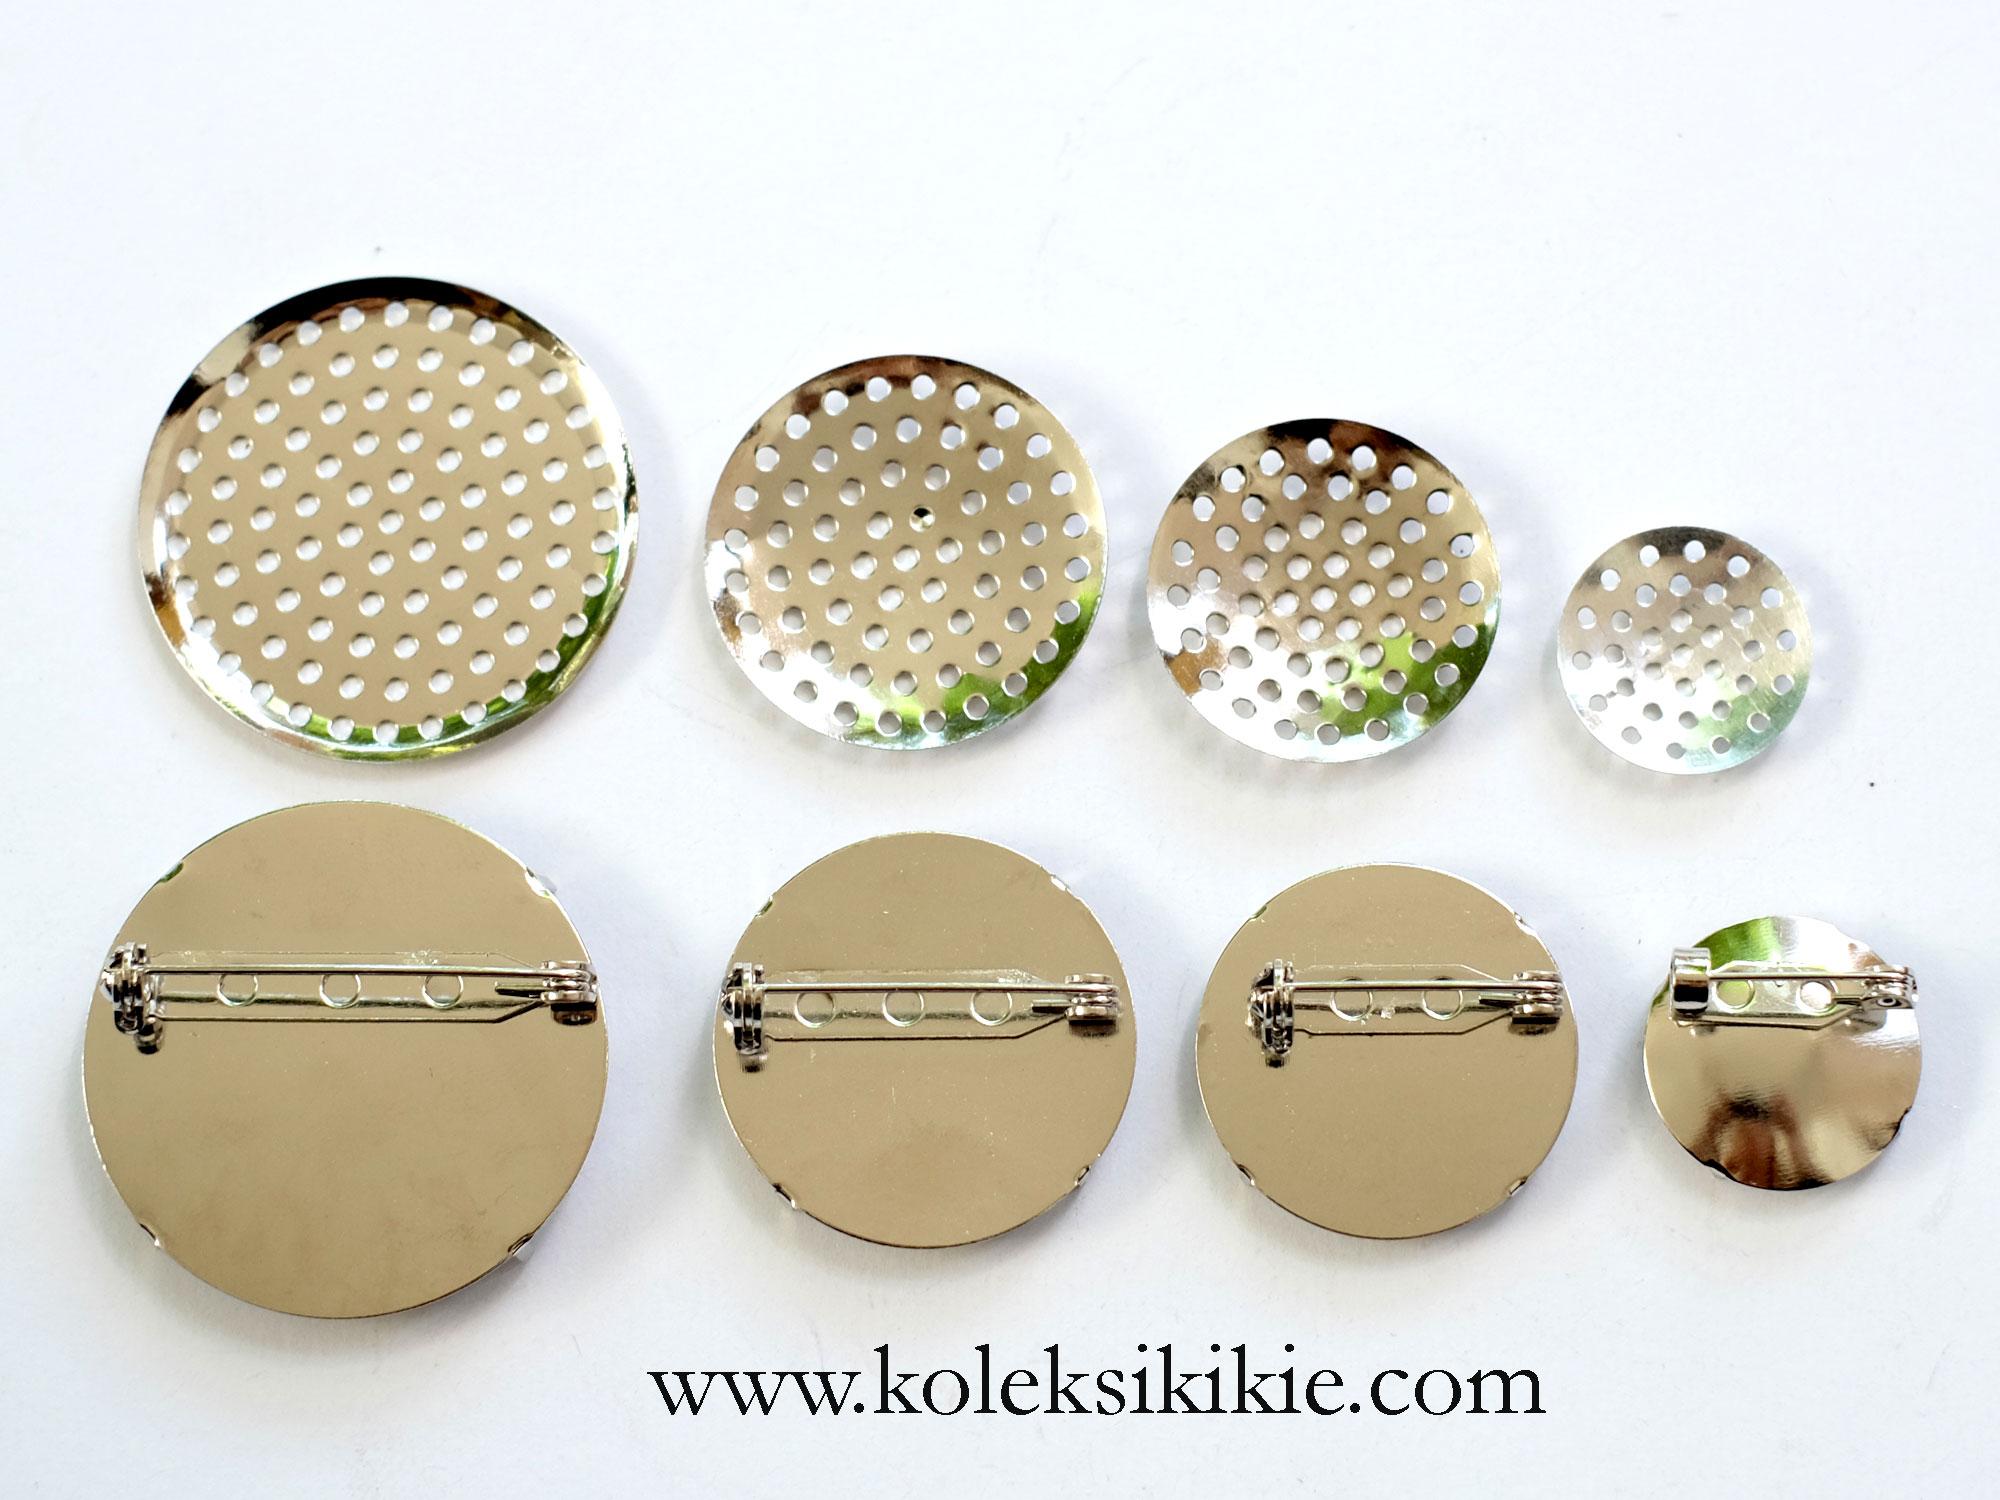 Sesuaikan bahan dengan ukuran peniti pada sarangan bros Bros yang menggunakan manik manik yang berat biasanya membutuhkan peniti yang lebih panjang agar